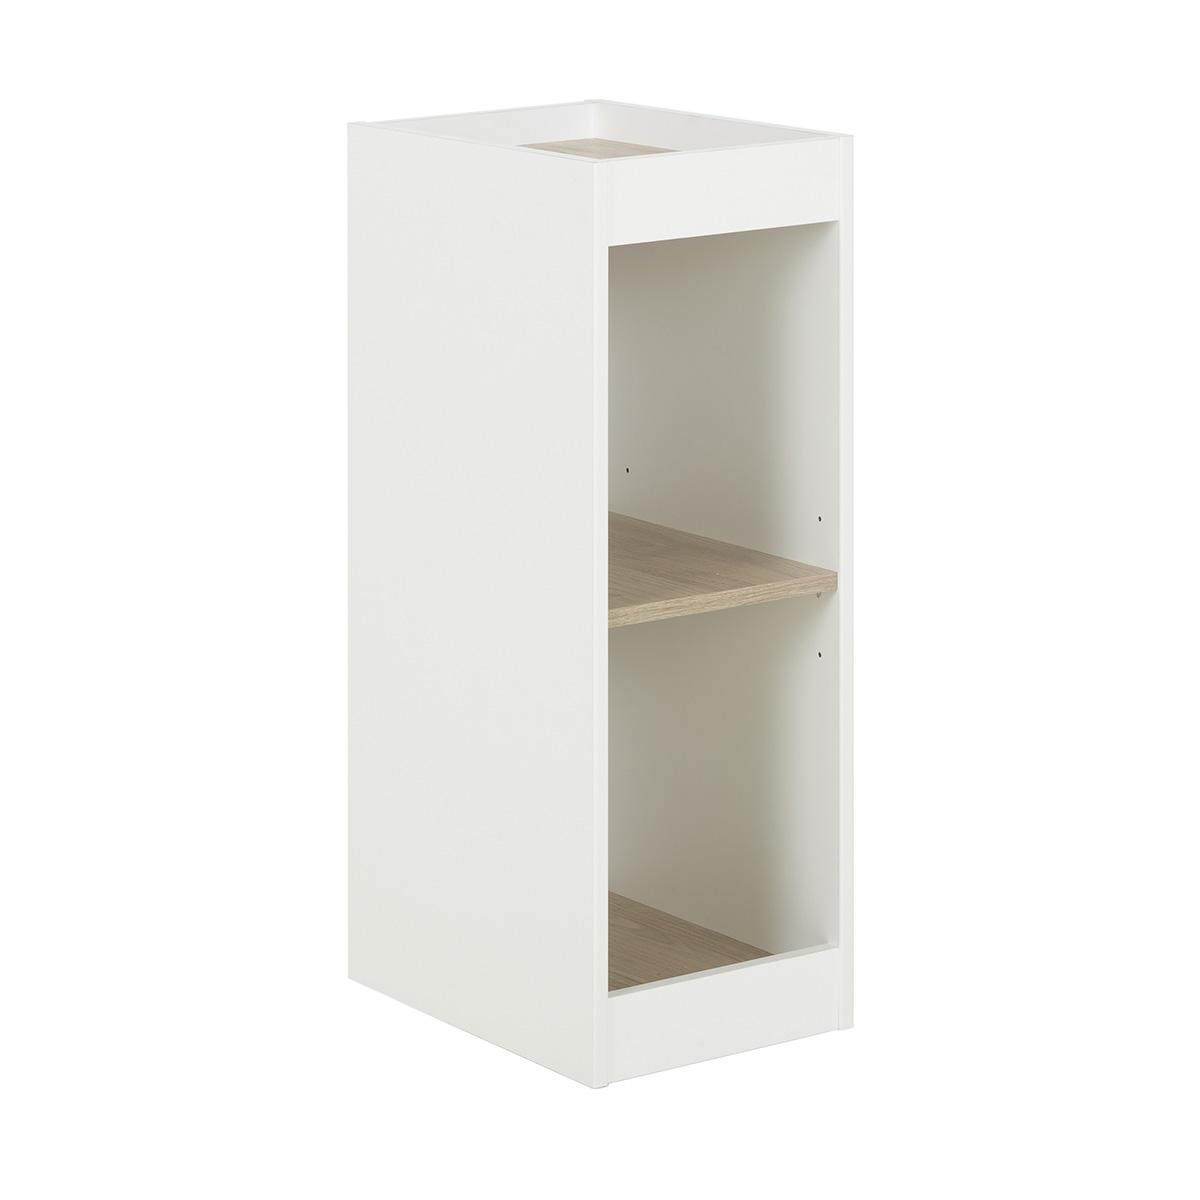 Galipette - Petite bibliothèque Celeste - Blanc